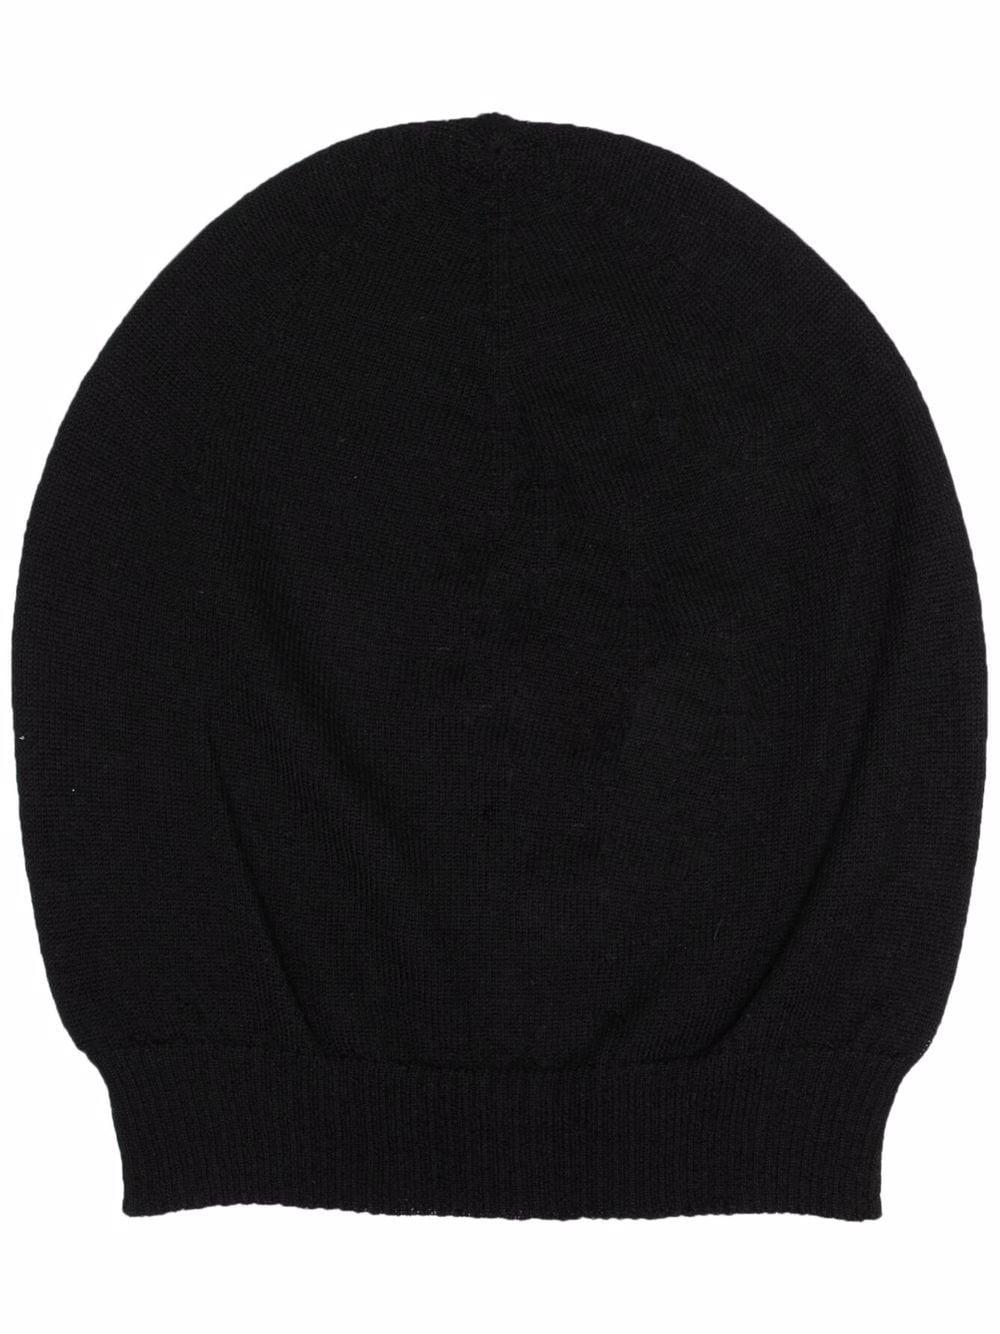 cappello in cashmere uomo nero RICK OWENS | Cappelli | RU02A5494 WS09